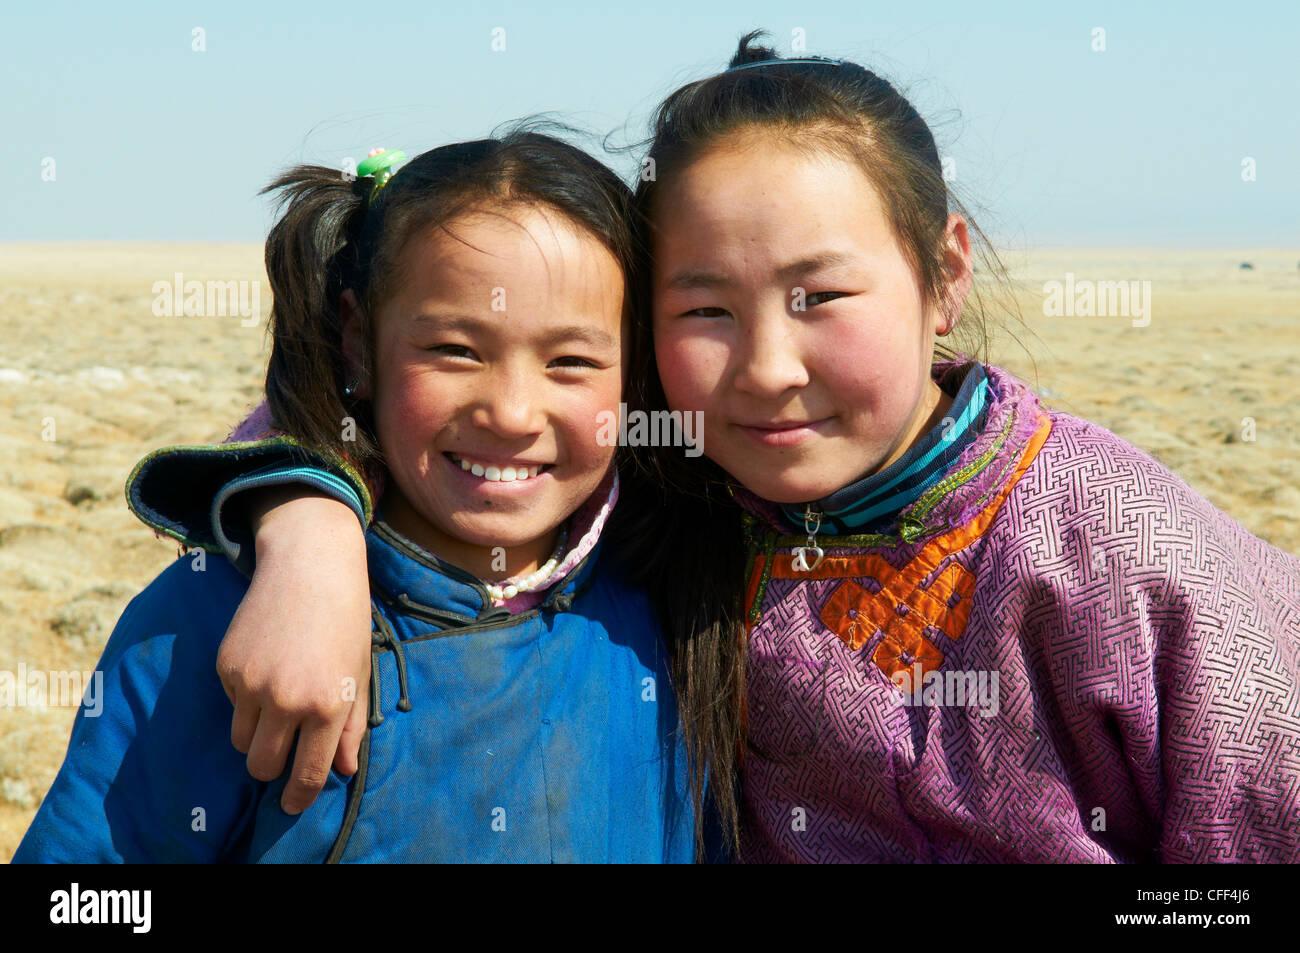 Giovani ragazze mongola in costume tradizionale (deel), Provincia di Khovd, Mongolia, Asia Centrale, Asia Immagini Stock